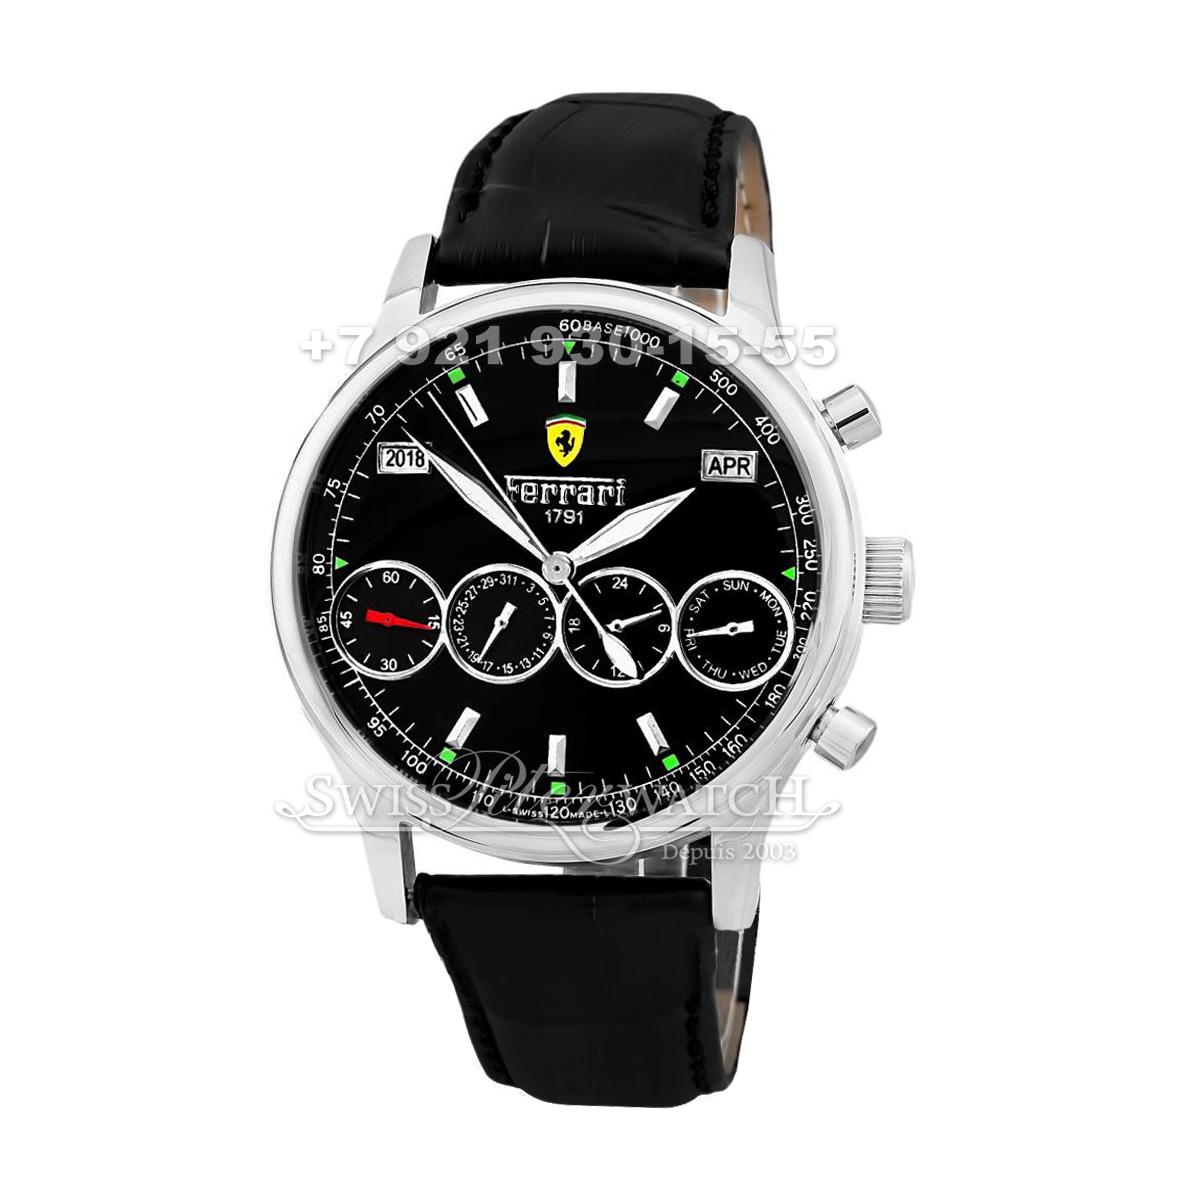 a112bf19 Купить Ferrari 027.011 (копия) в интернет-магазине часов в Санкт-Петербурге